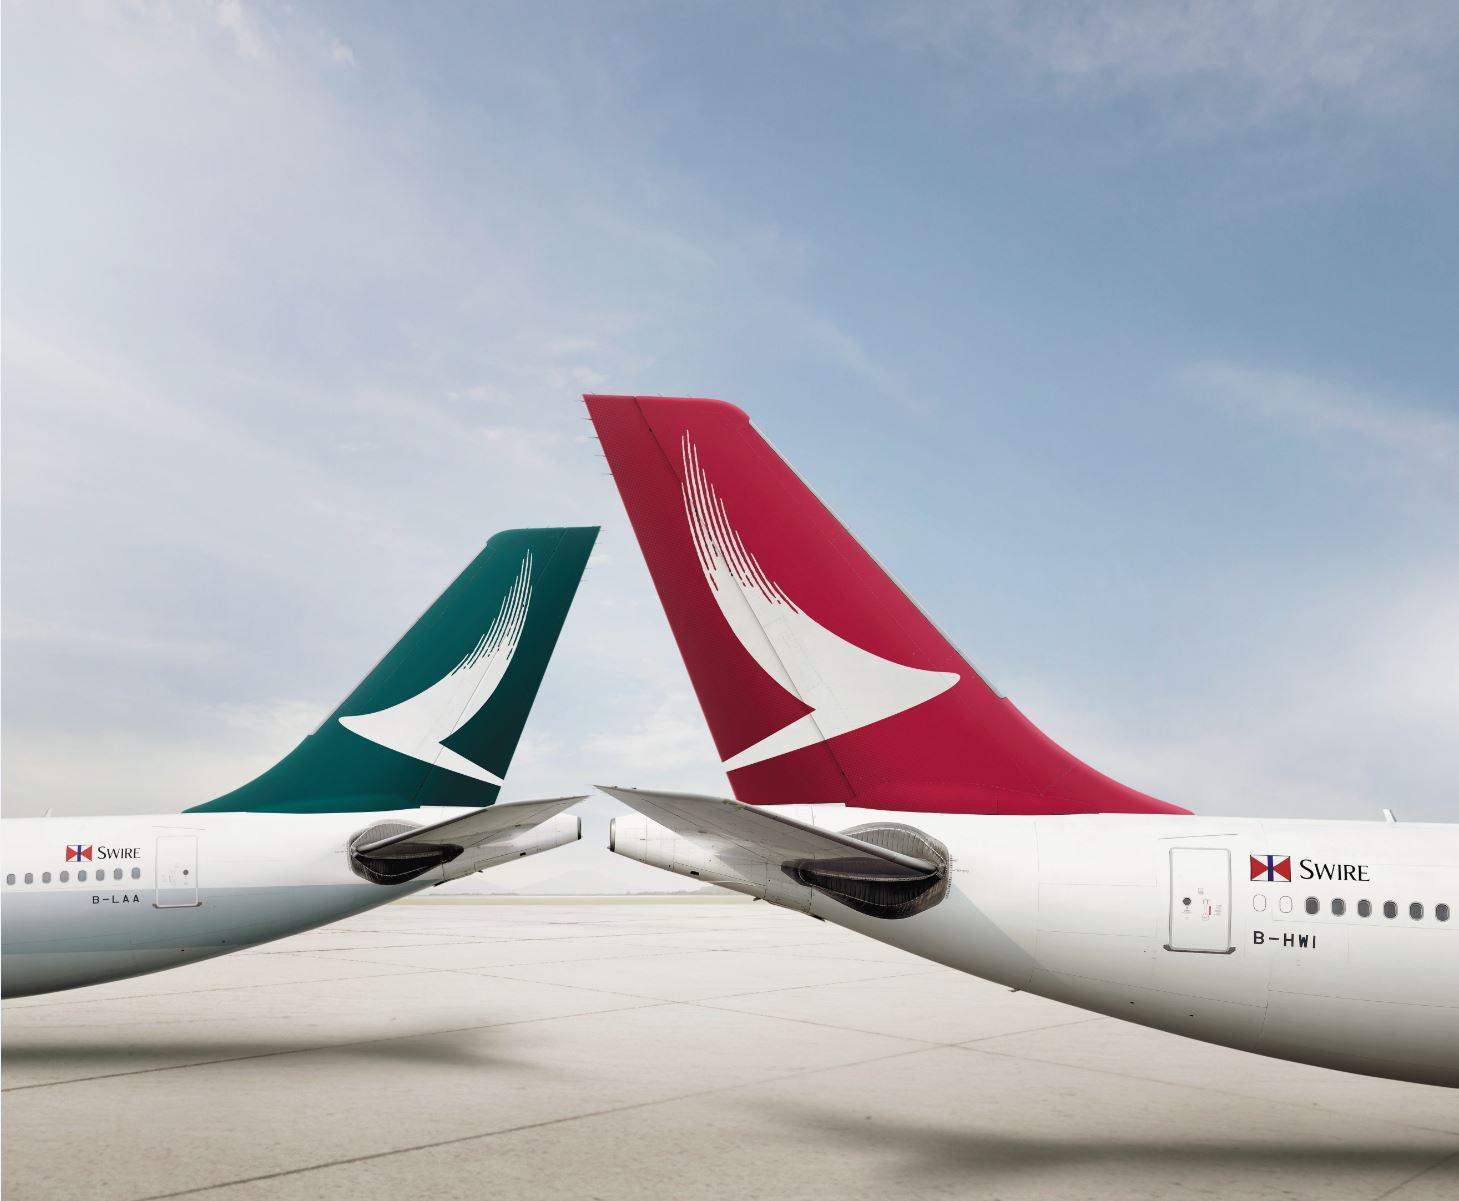 香港ドラゴン航空が「キャセイ ドラゴン航空」に、ブランド刷新でキャセイ航空と一体感へ